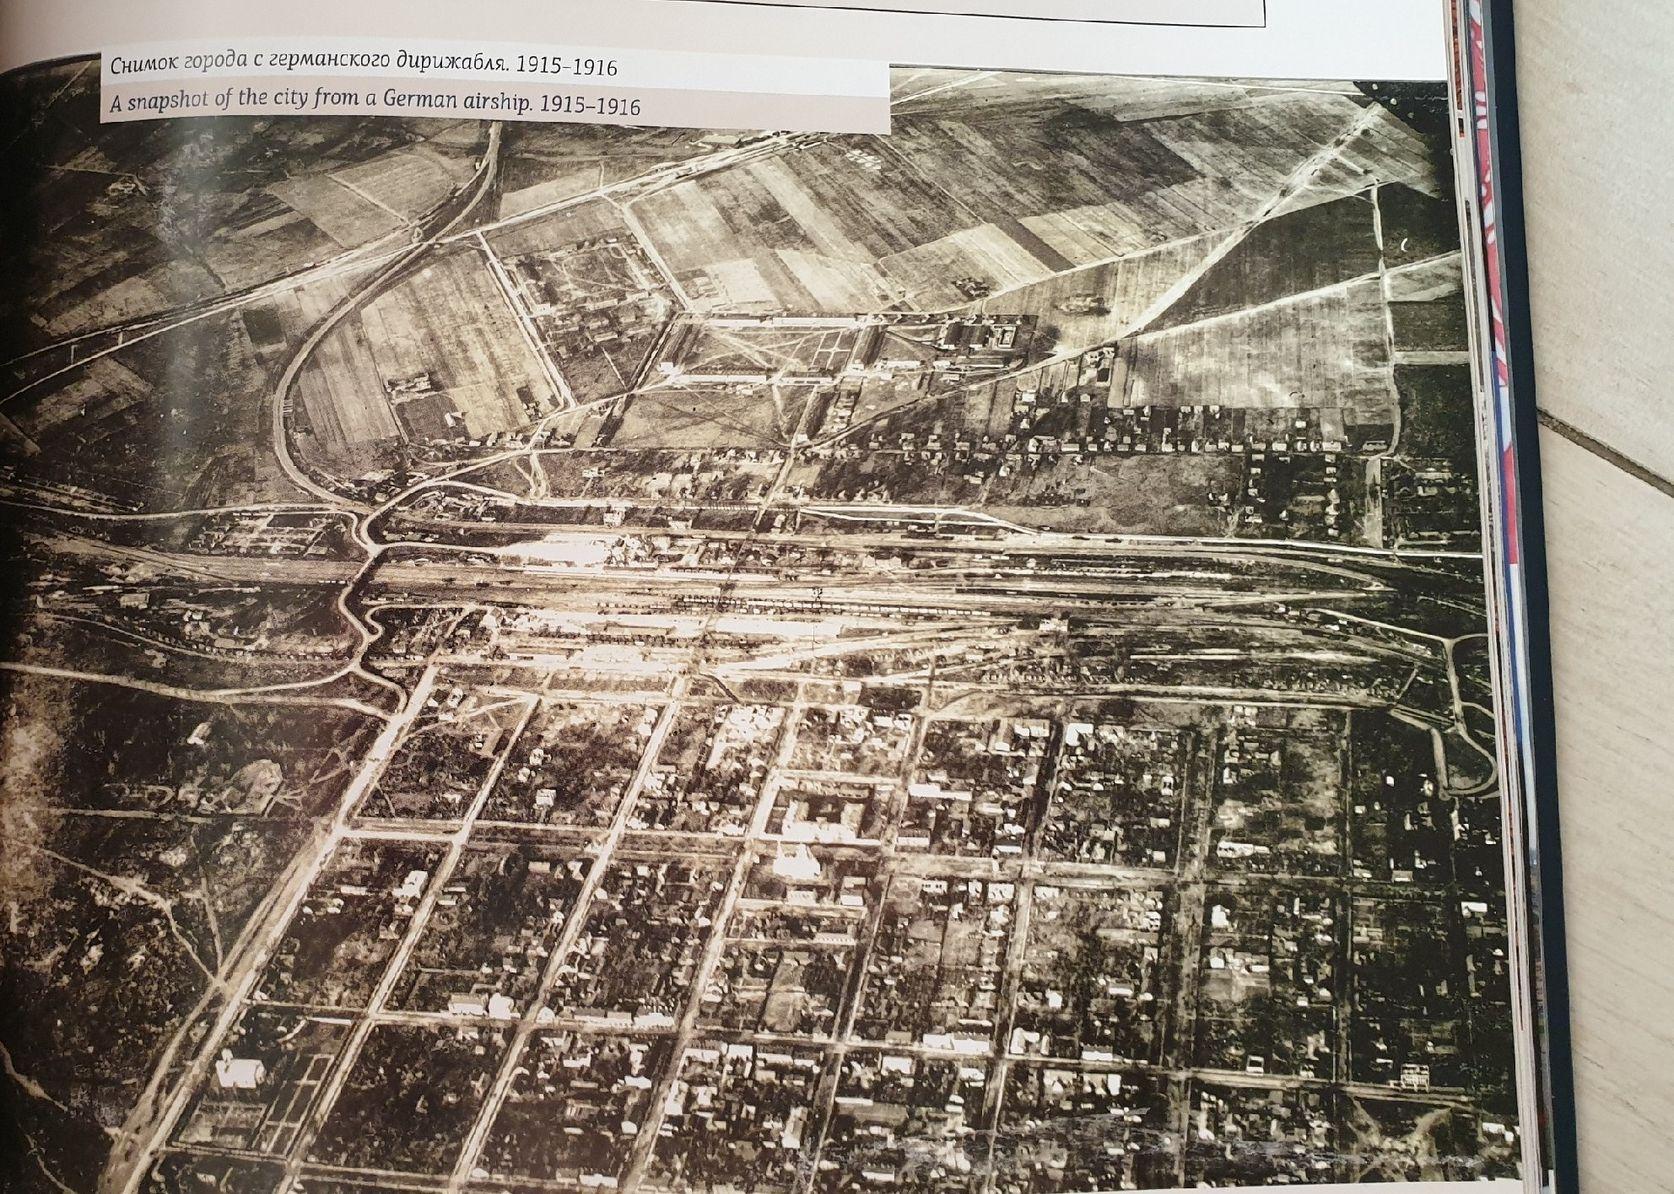 Сможете узнать Брест на этих снимках с дирижабля? Как город изменился за 100 лет